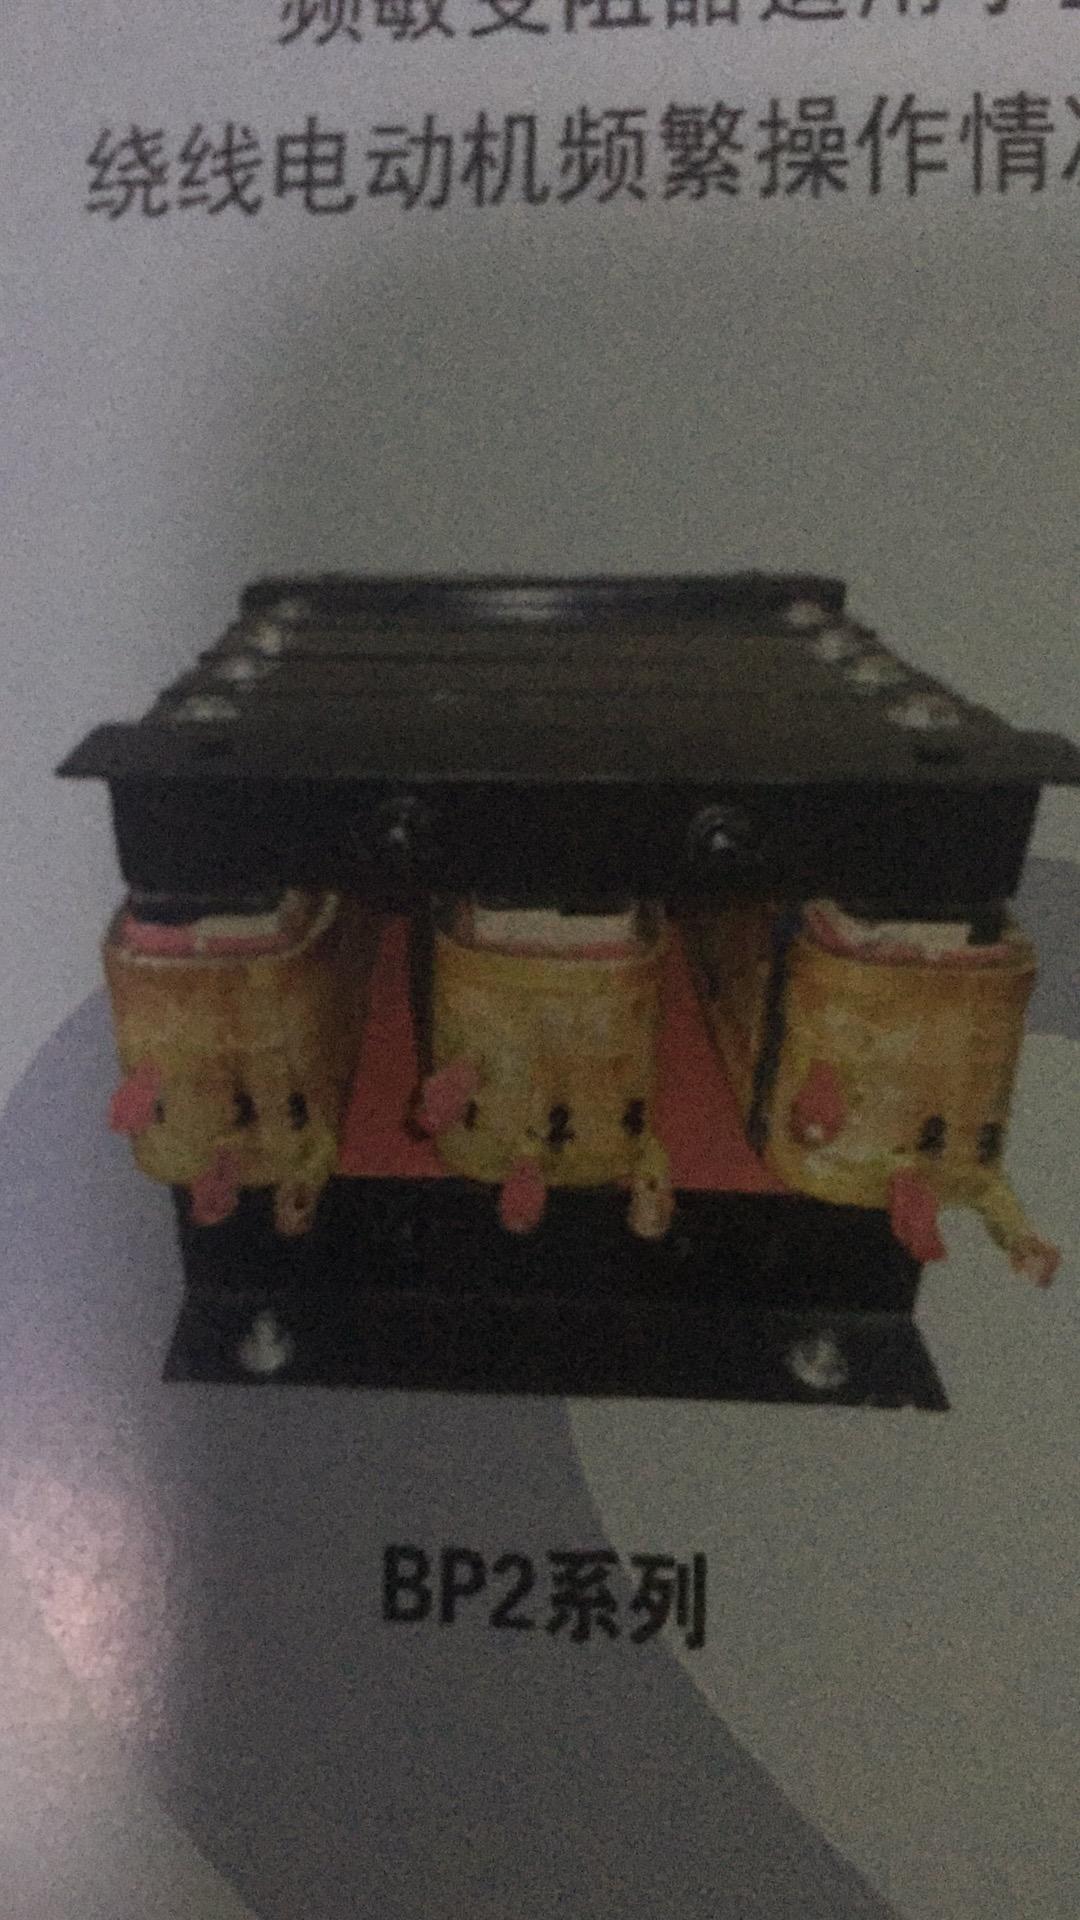 欢迎莅临@莱芜低压电阻器厂家/实业有限公司